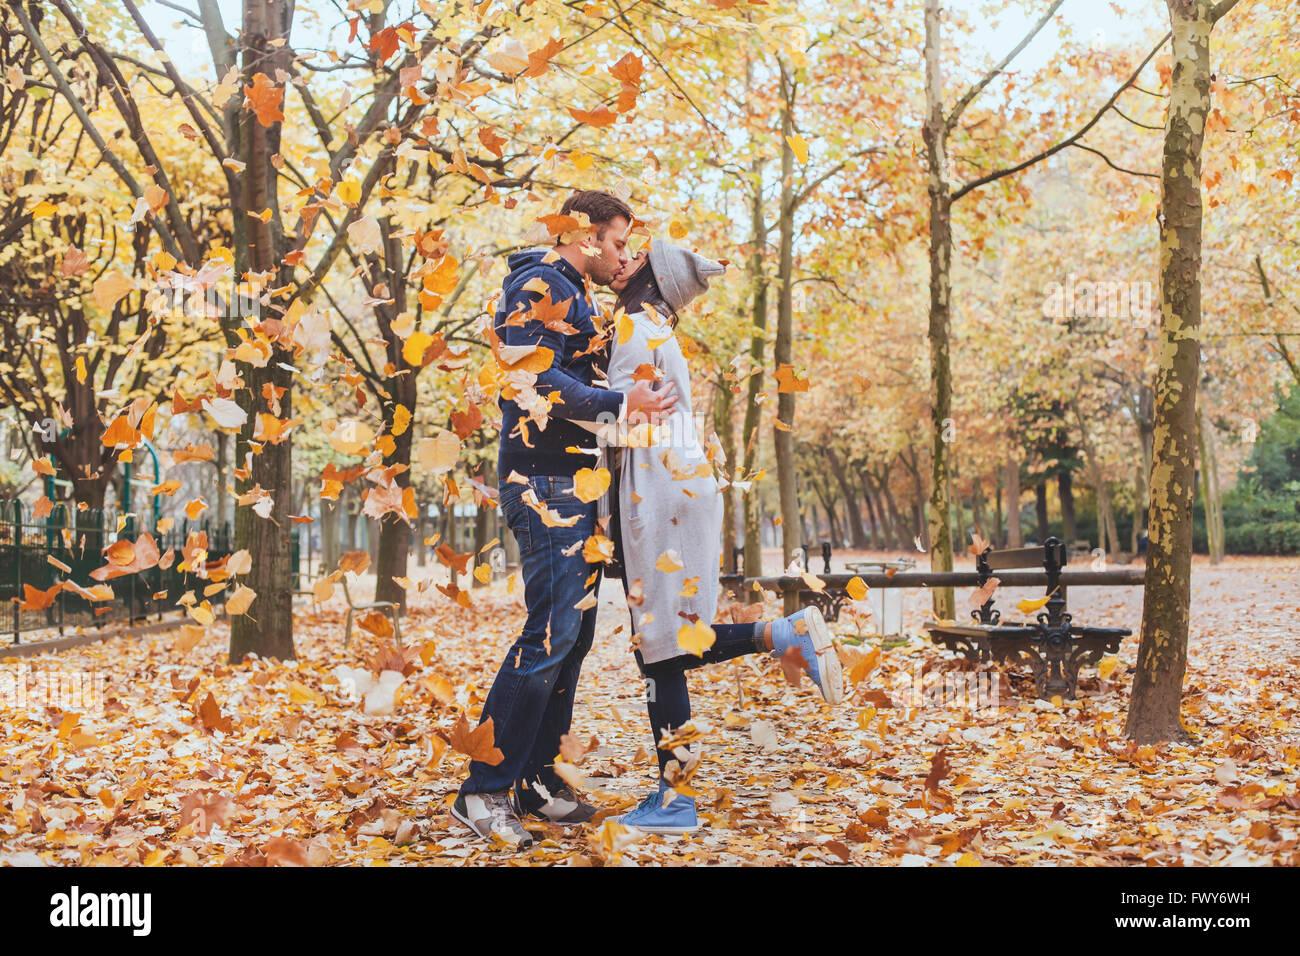 Outono kiss, jovem casal amoroso no parque com a queda de folhas Imagens de Stock